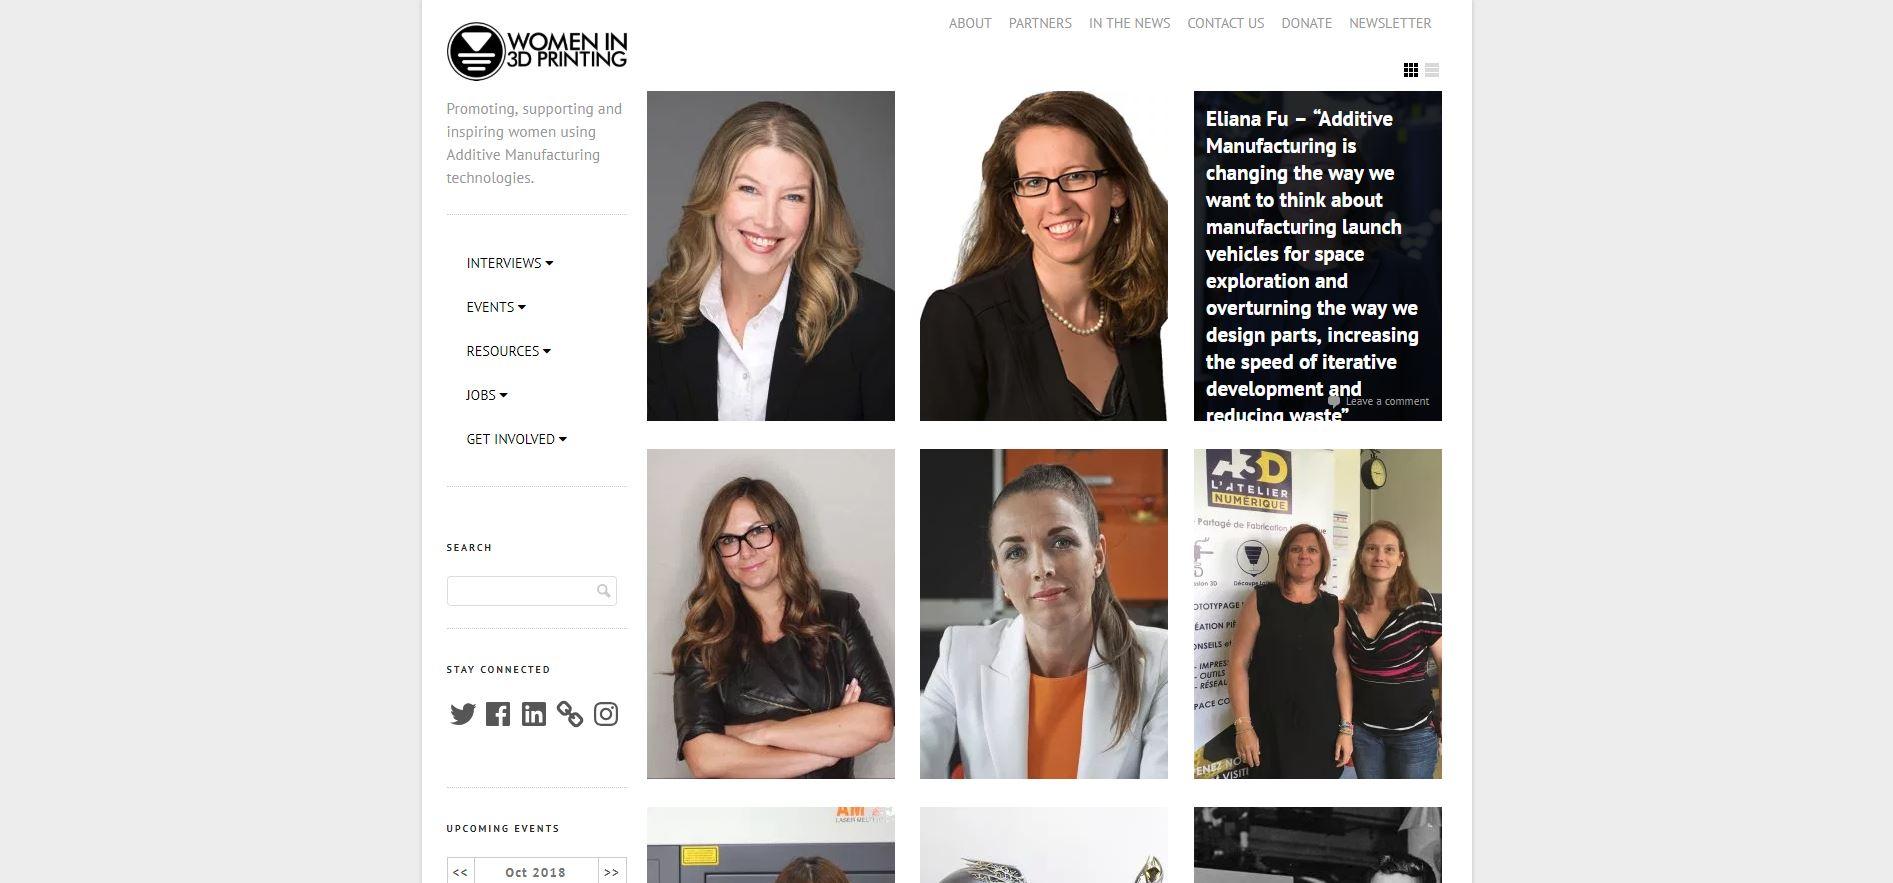 Women in 3D Printing Website.JPG